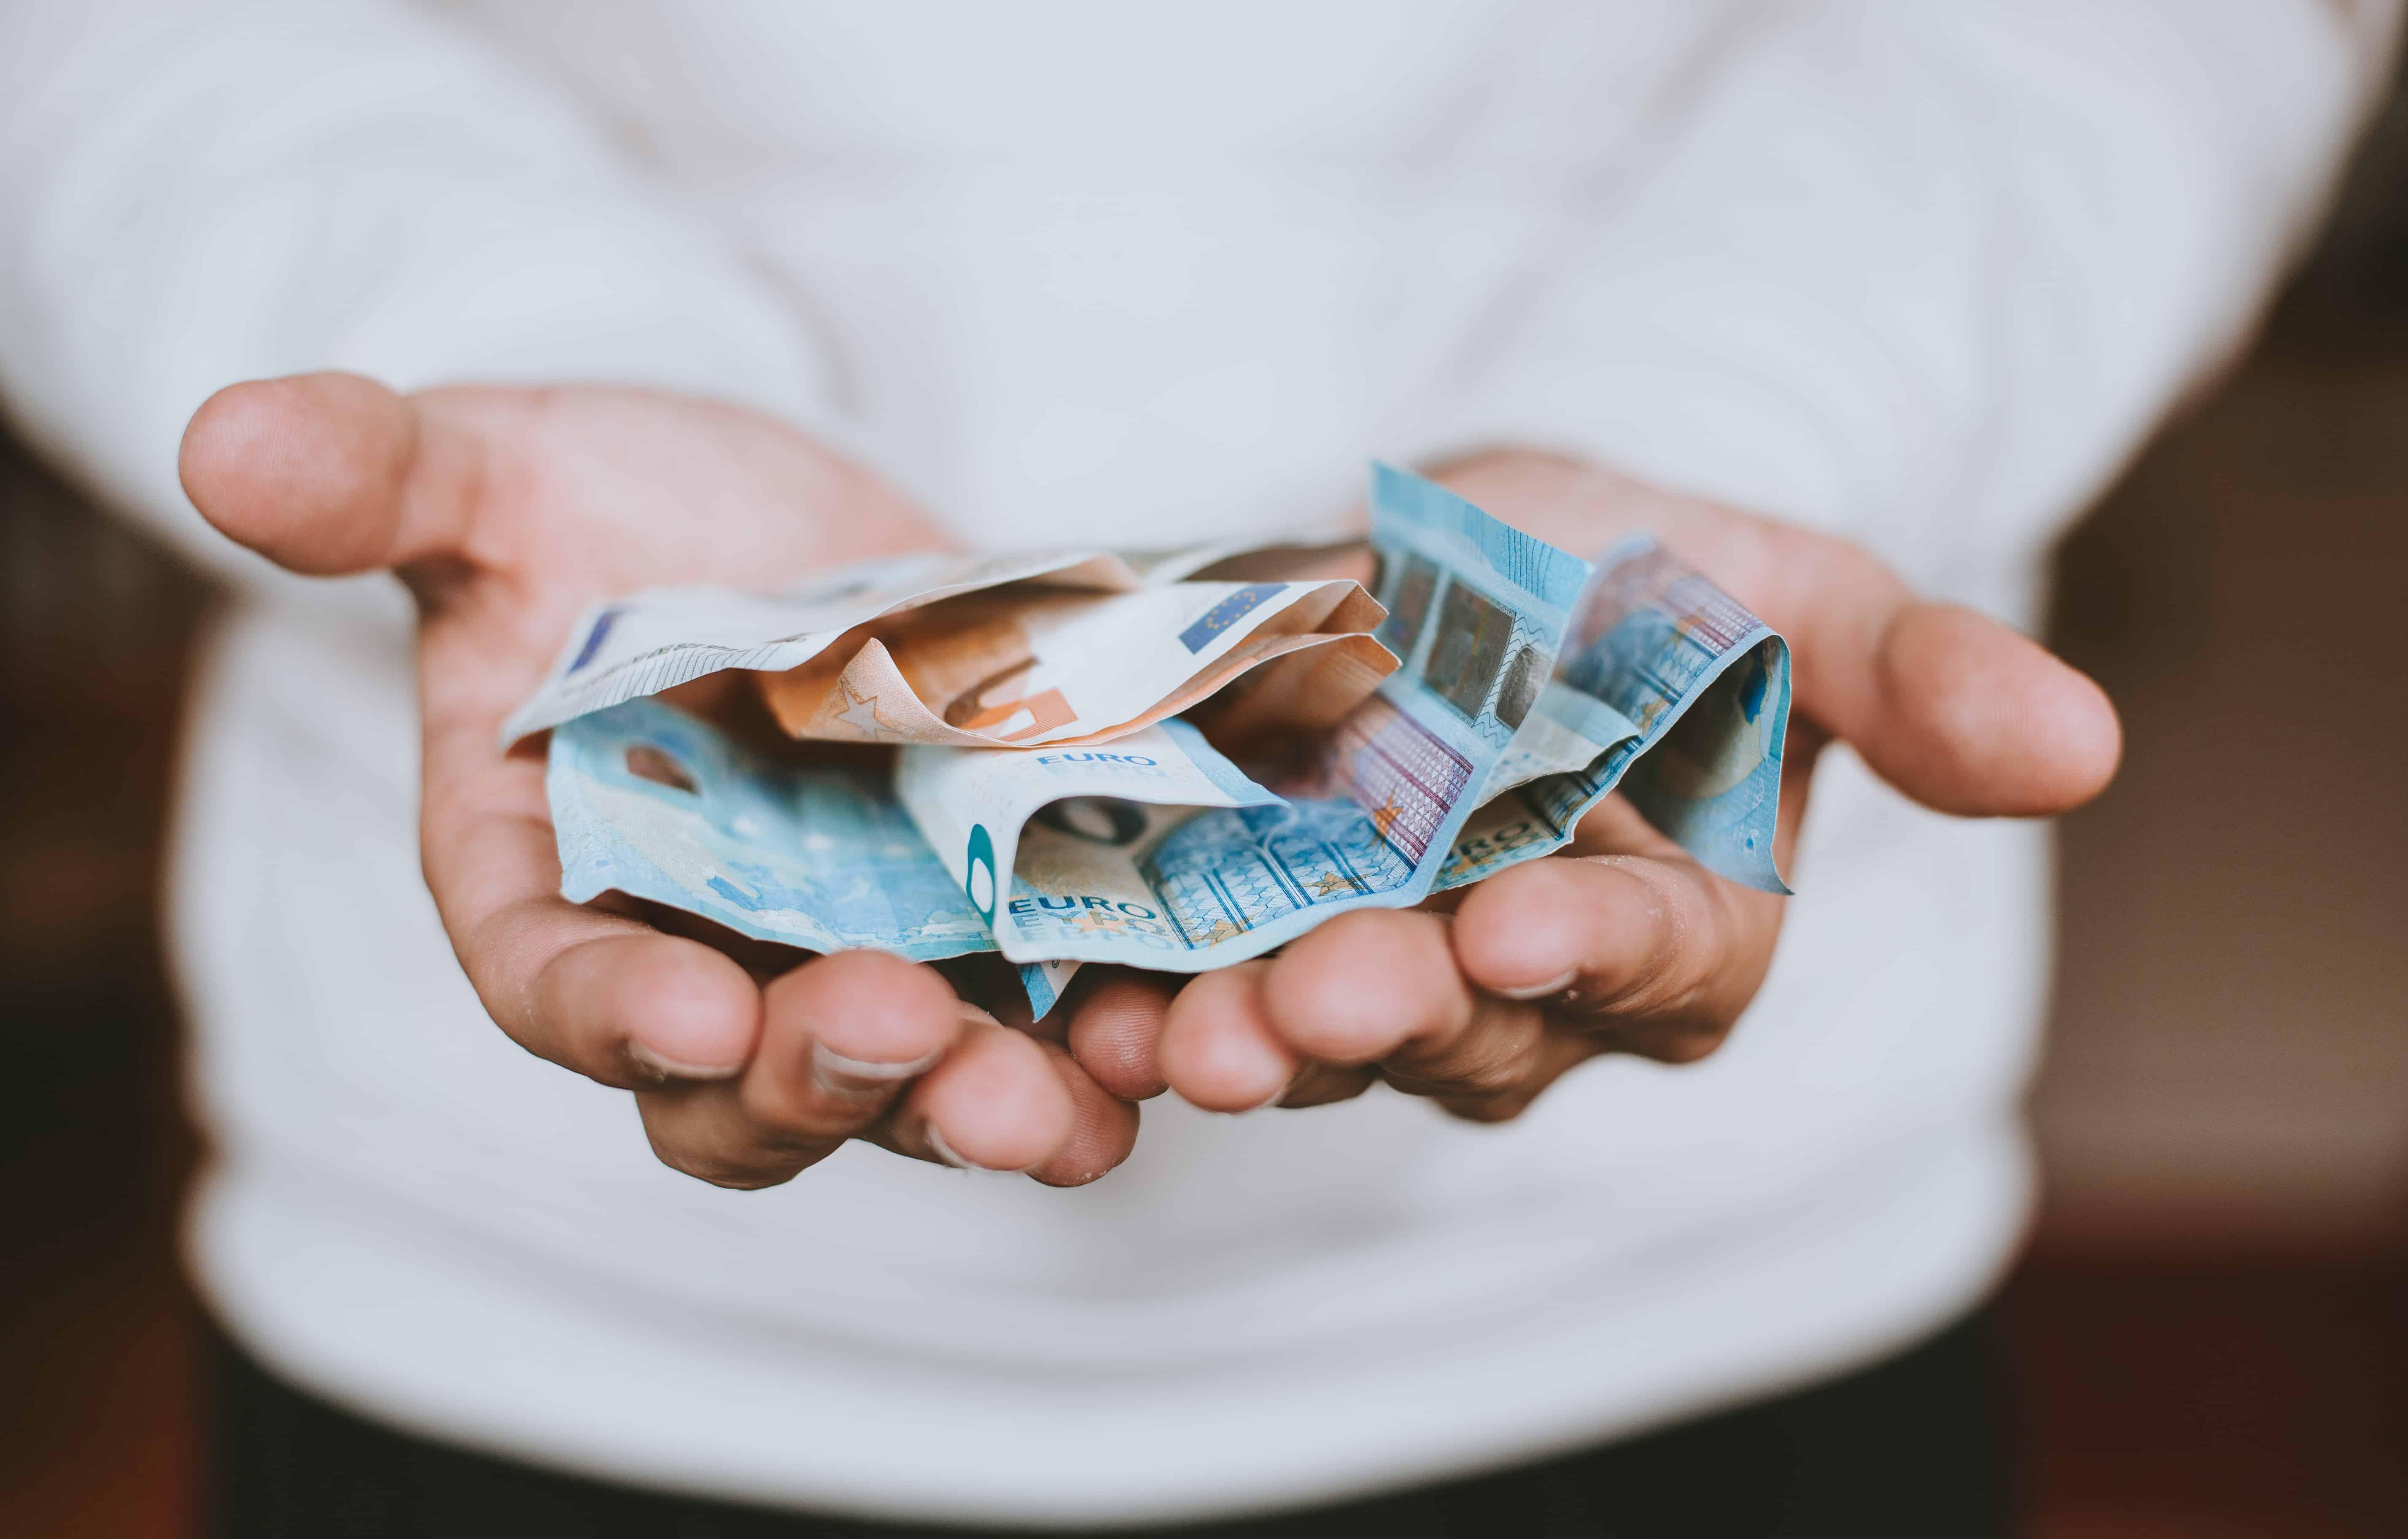 site unde să faci bani)